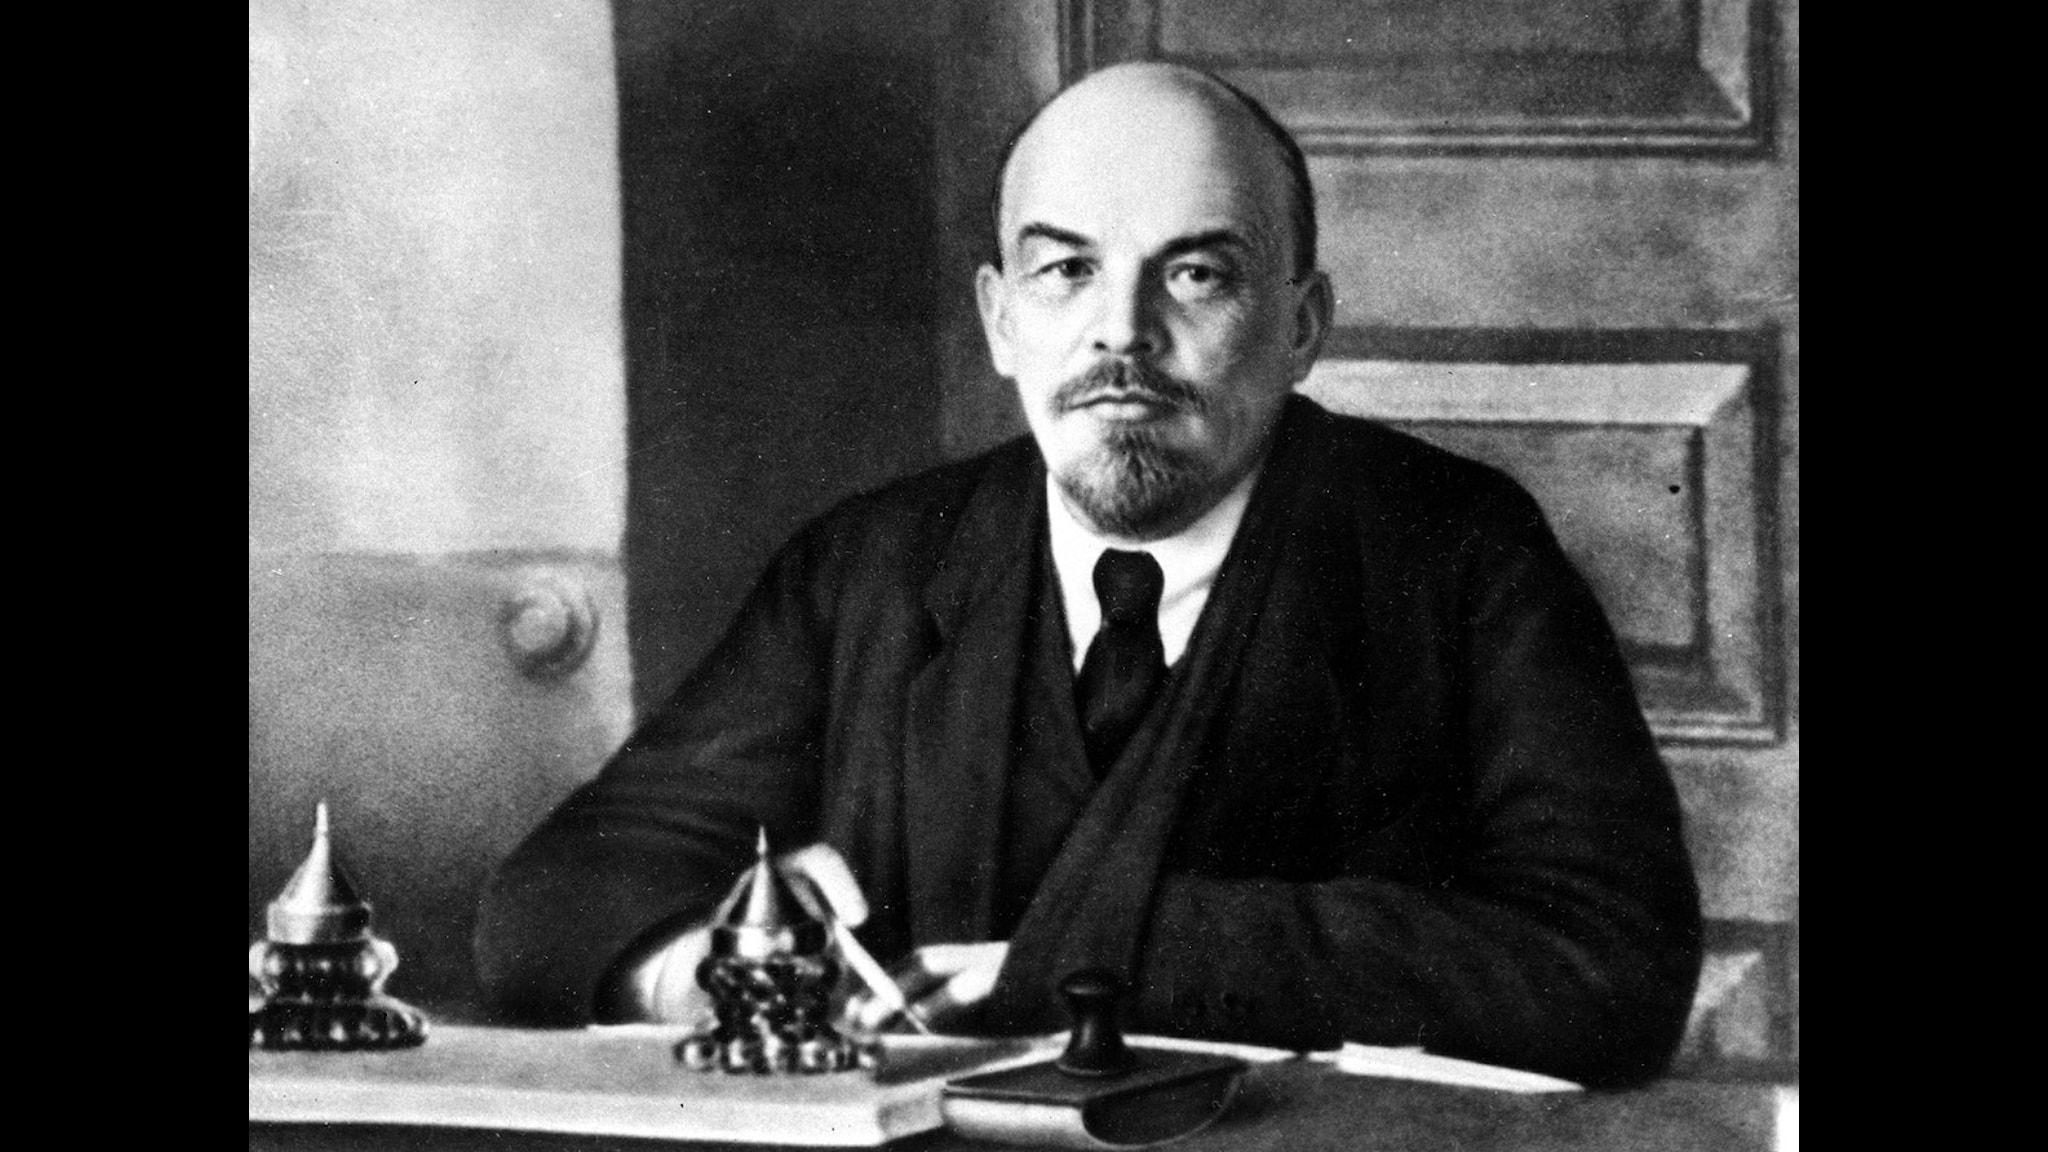 Vladimir Iljitj Uljanov, alias Lenin, på okänd plats. Privat en timid, lite pryd herre, som älskade sin familj och Beethoven. Utåt han en brutal skurk, eller ett politiskt geni? Foto:Scanpix